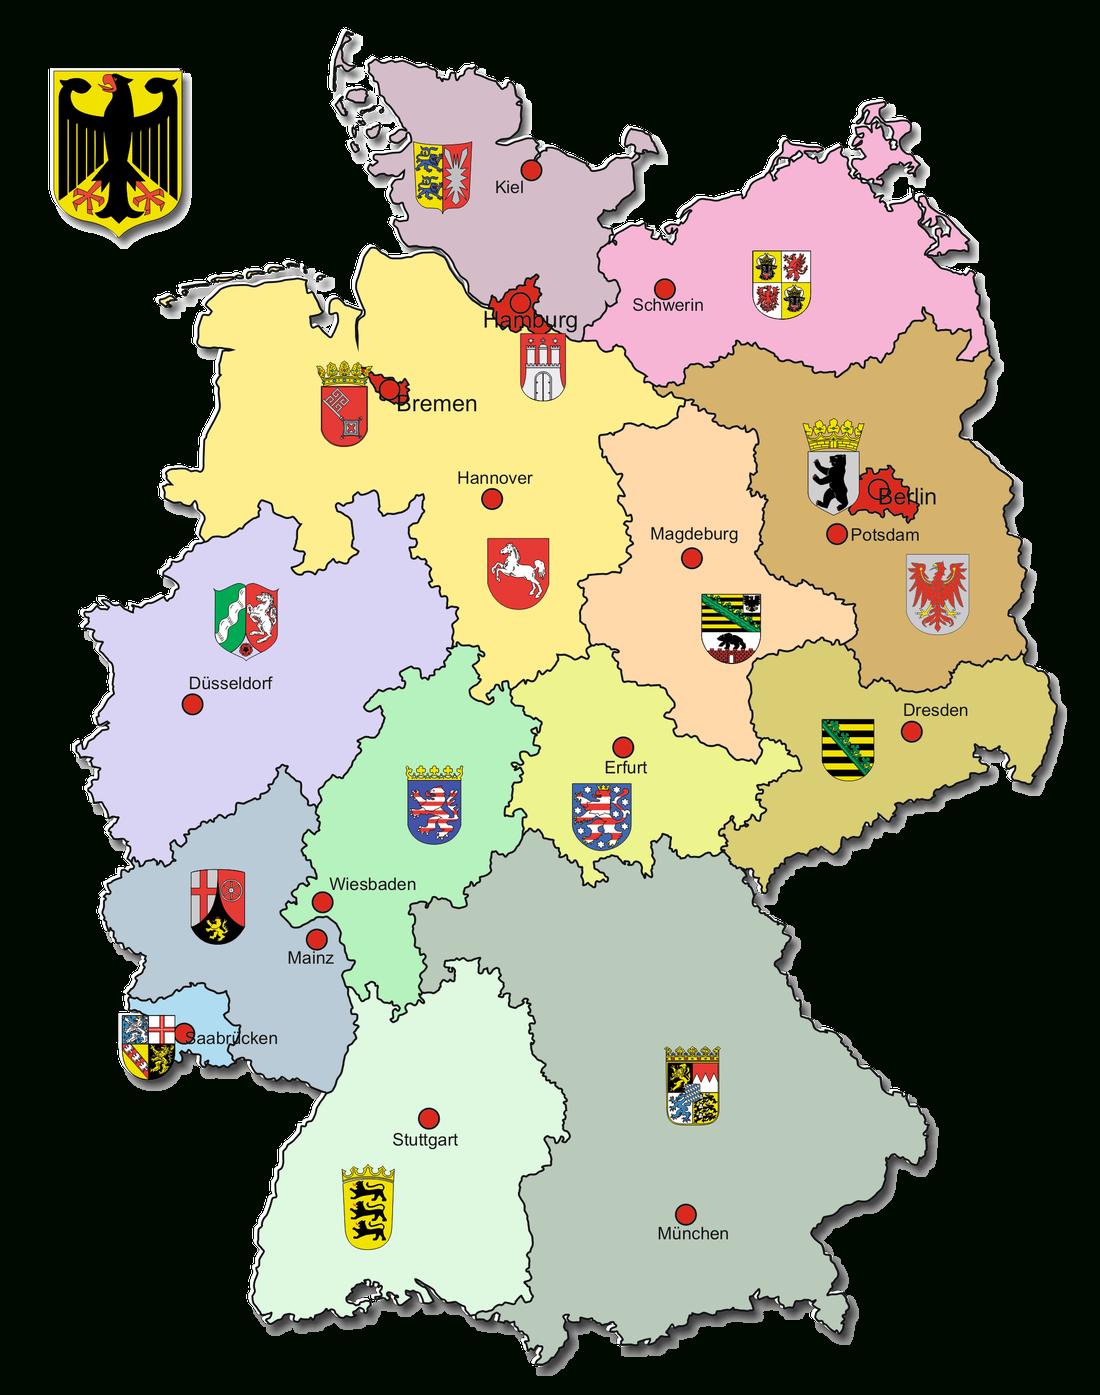 Bundesländer Und Hauptstädte - Geographie Deutschlands bestimmt für Deutschland Bundesländer Mit Hauptstädten